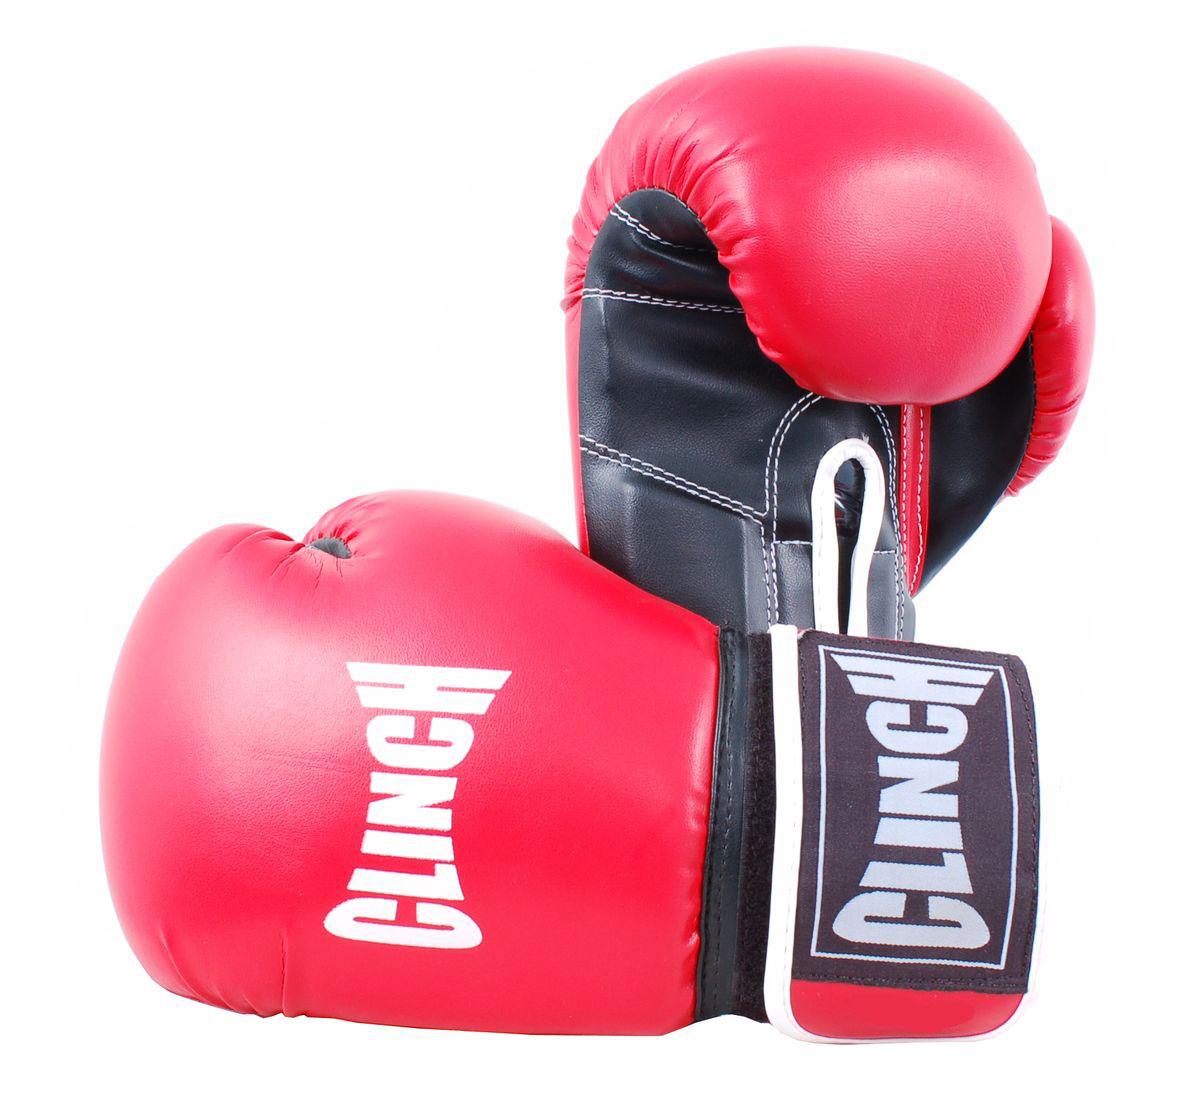 """Clinch Перчатки боксерские """"Clinch"""", цвет: красный, черный, 12 унций. C232"""